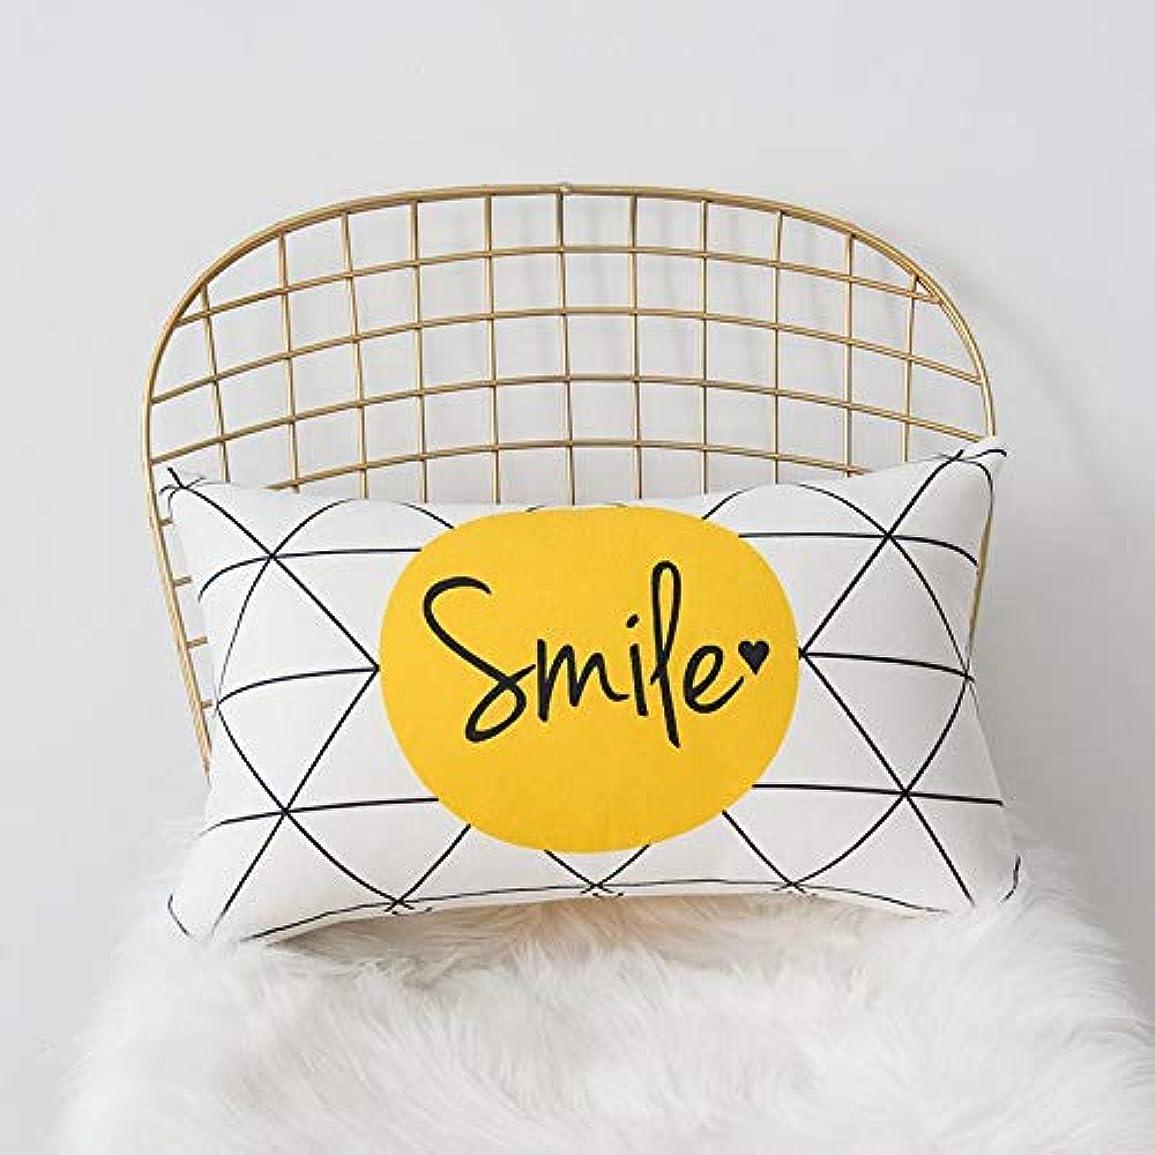 尽きる盲目を通してSMART 黄色グレー枕北欧スタイル黄色ヘラジカ幾何枕リビングルームのインテリアソファクッション Cojines 装飾良質 クッション 椅子